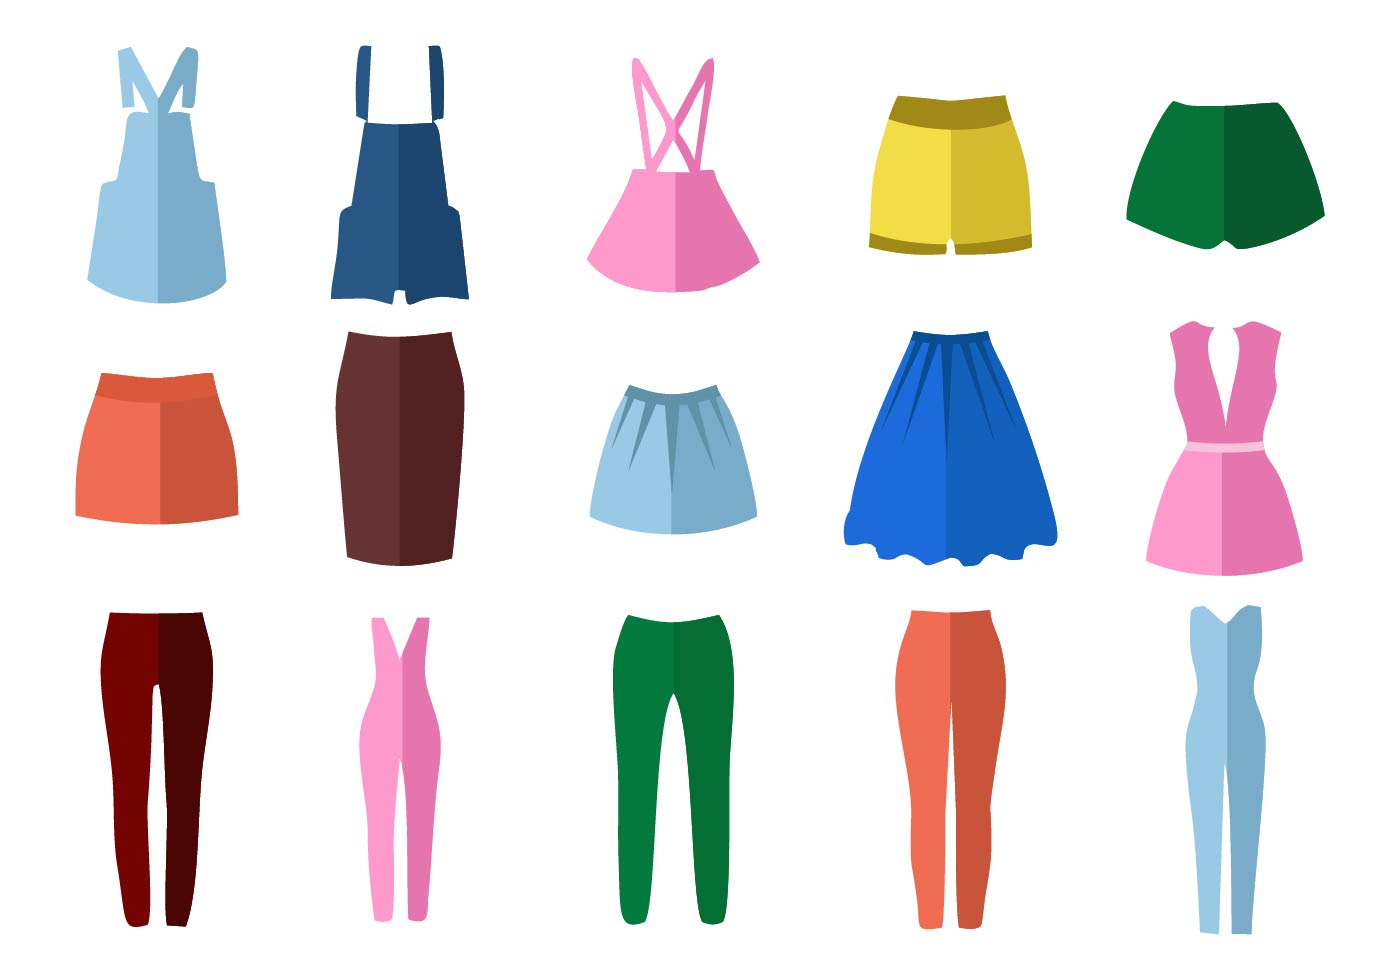 Vetor De Moda Estilo Feminino Livre Download Vetores E Gr Ficos Gratuitos